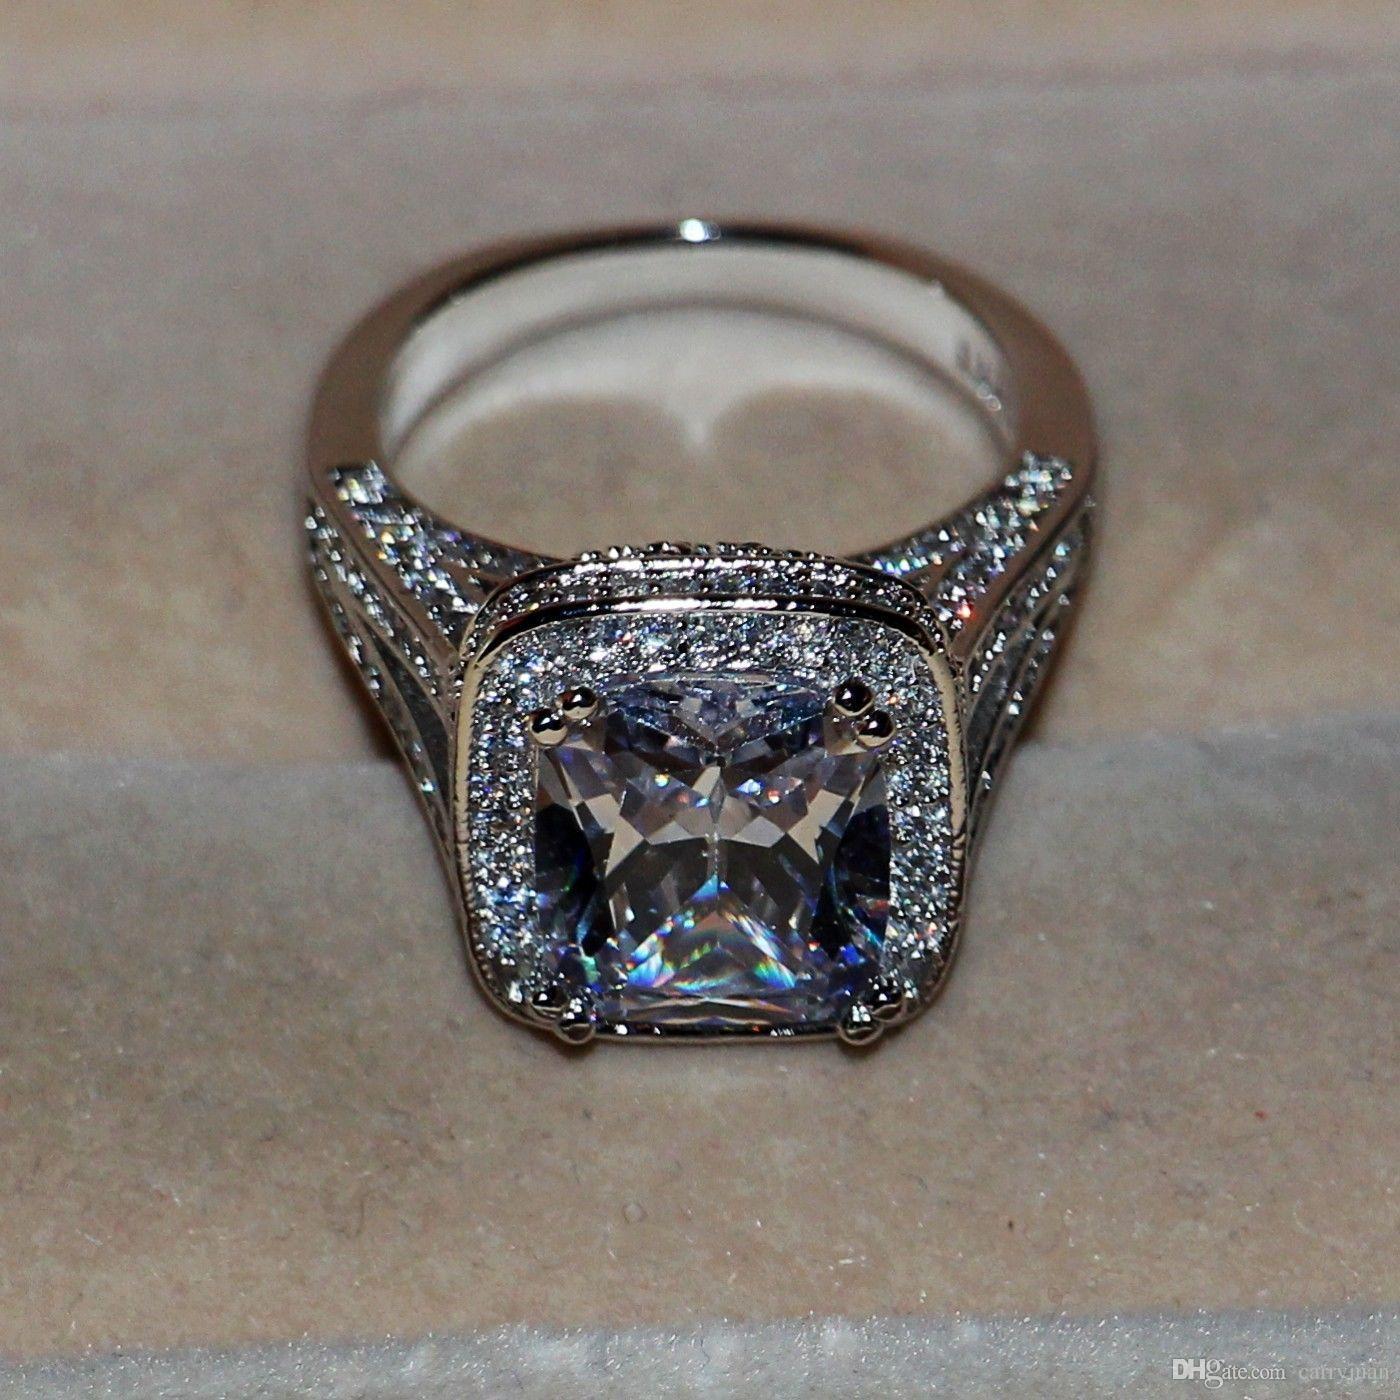 Einzigartige Marke Desgin Freies Verschiffen Luxus Schmuck 14kt Weißgold gefüllt Topaz Simulierte Diamant Weddiong Band Ring Geschenk Größe 5-11